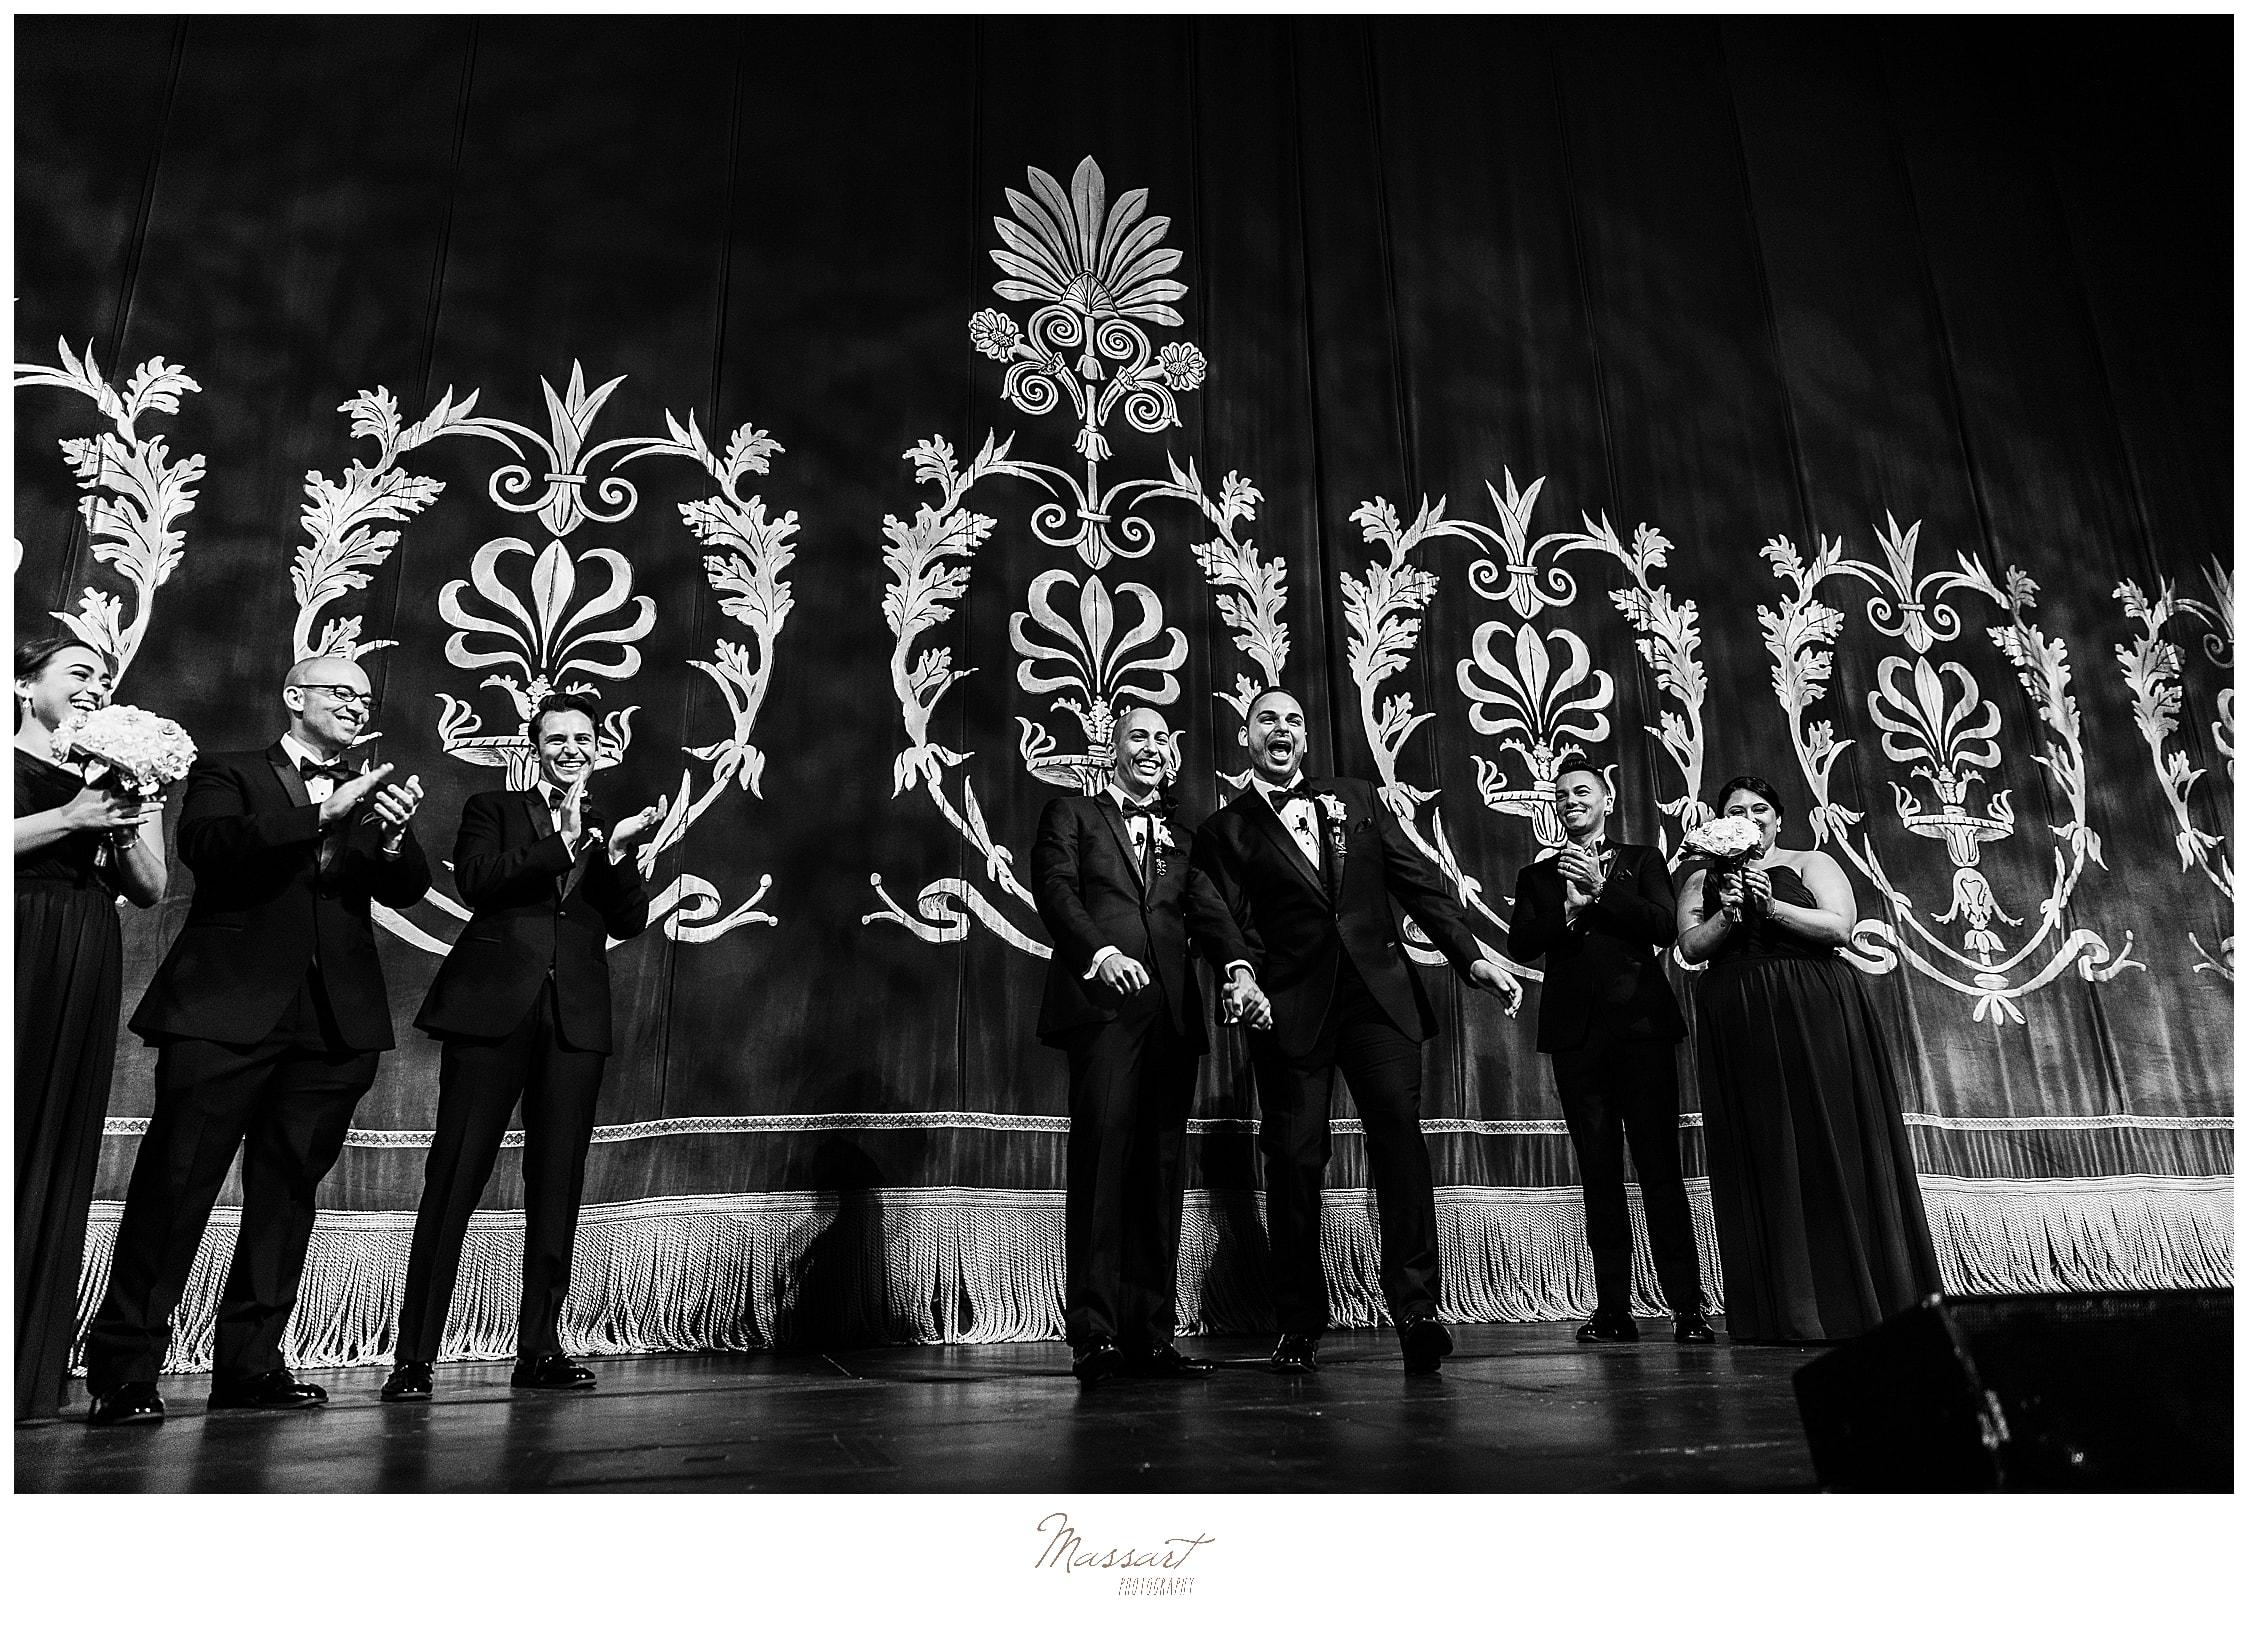 CT wedding ceremony photographed by wedding photographers Massart Photography